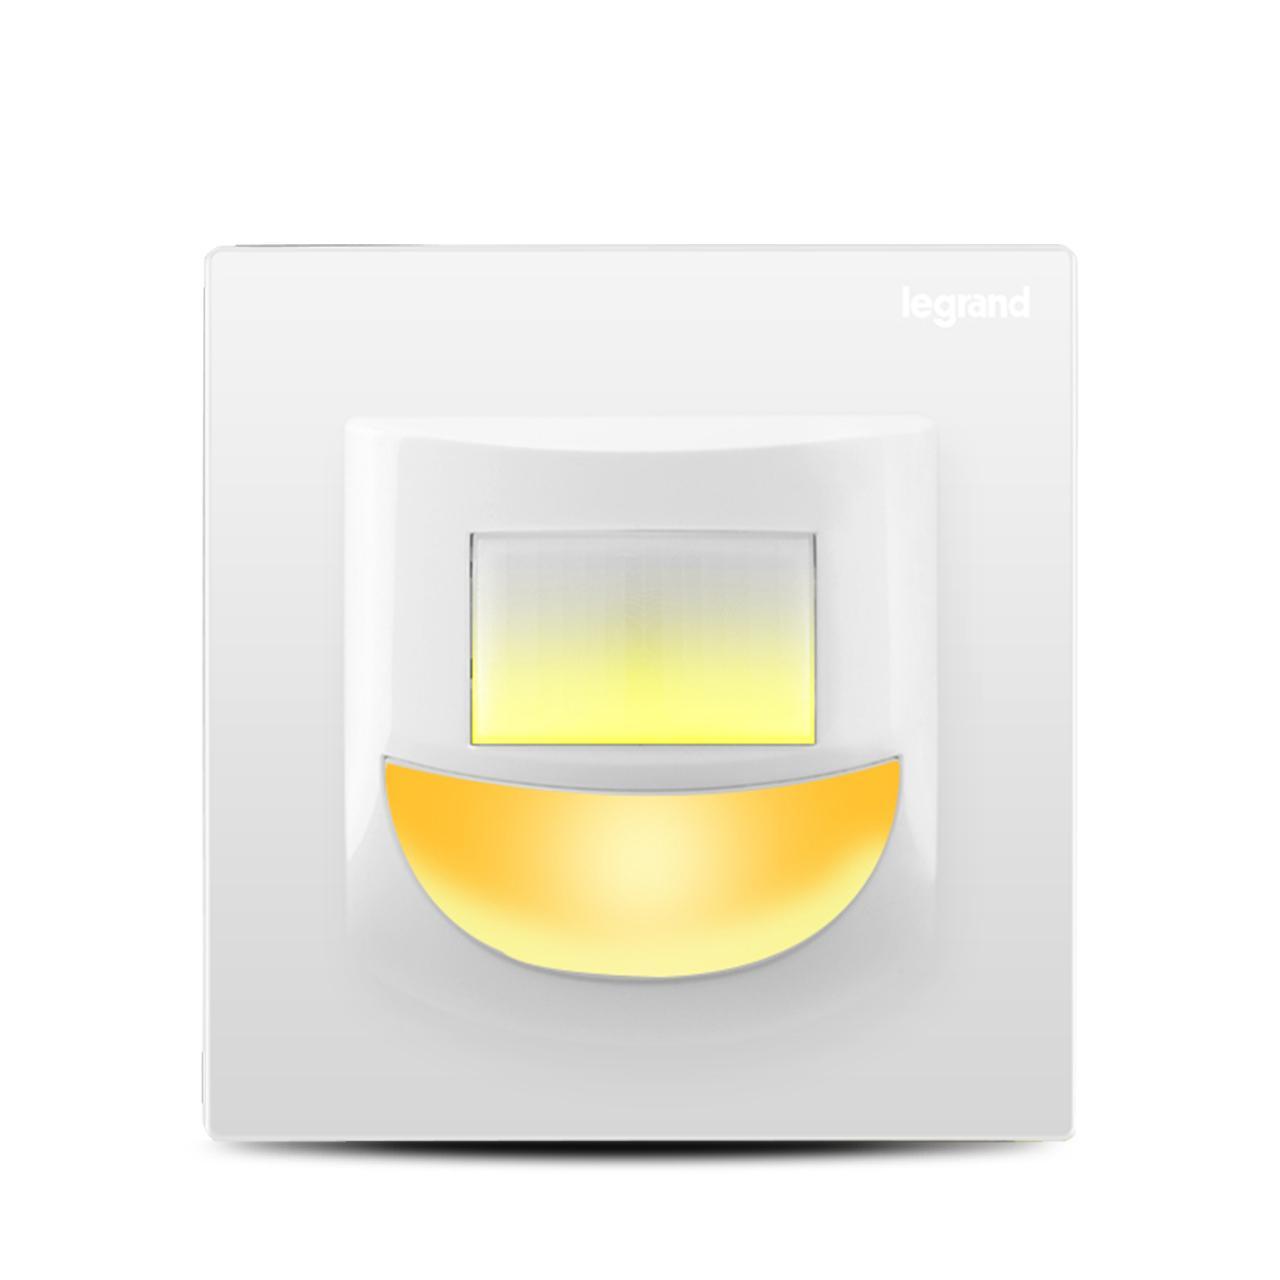 التبديل استقرائي ضوء التبديل وحدة التبديل التحكم في الإضاءة كاسيت قابل للتعديل 8 متر خط الإنسان التعريفي مصباح التعريفي